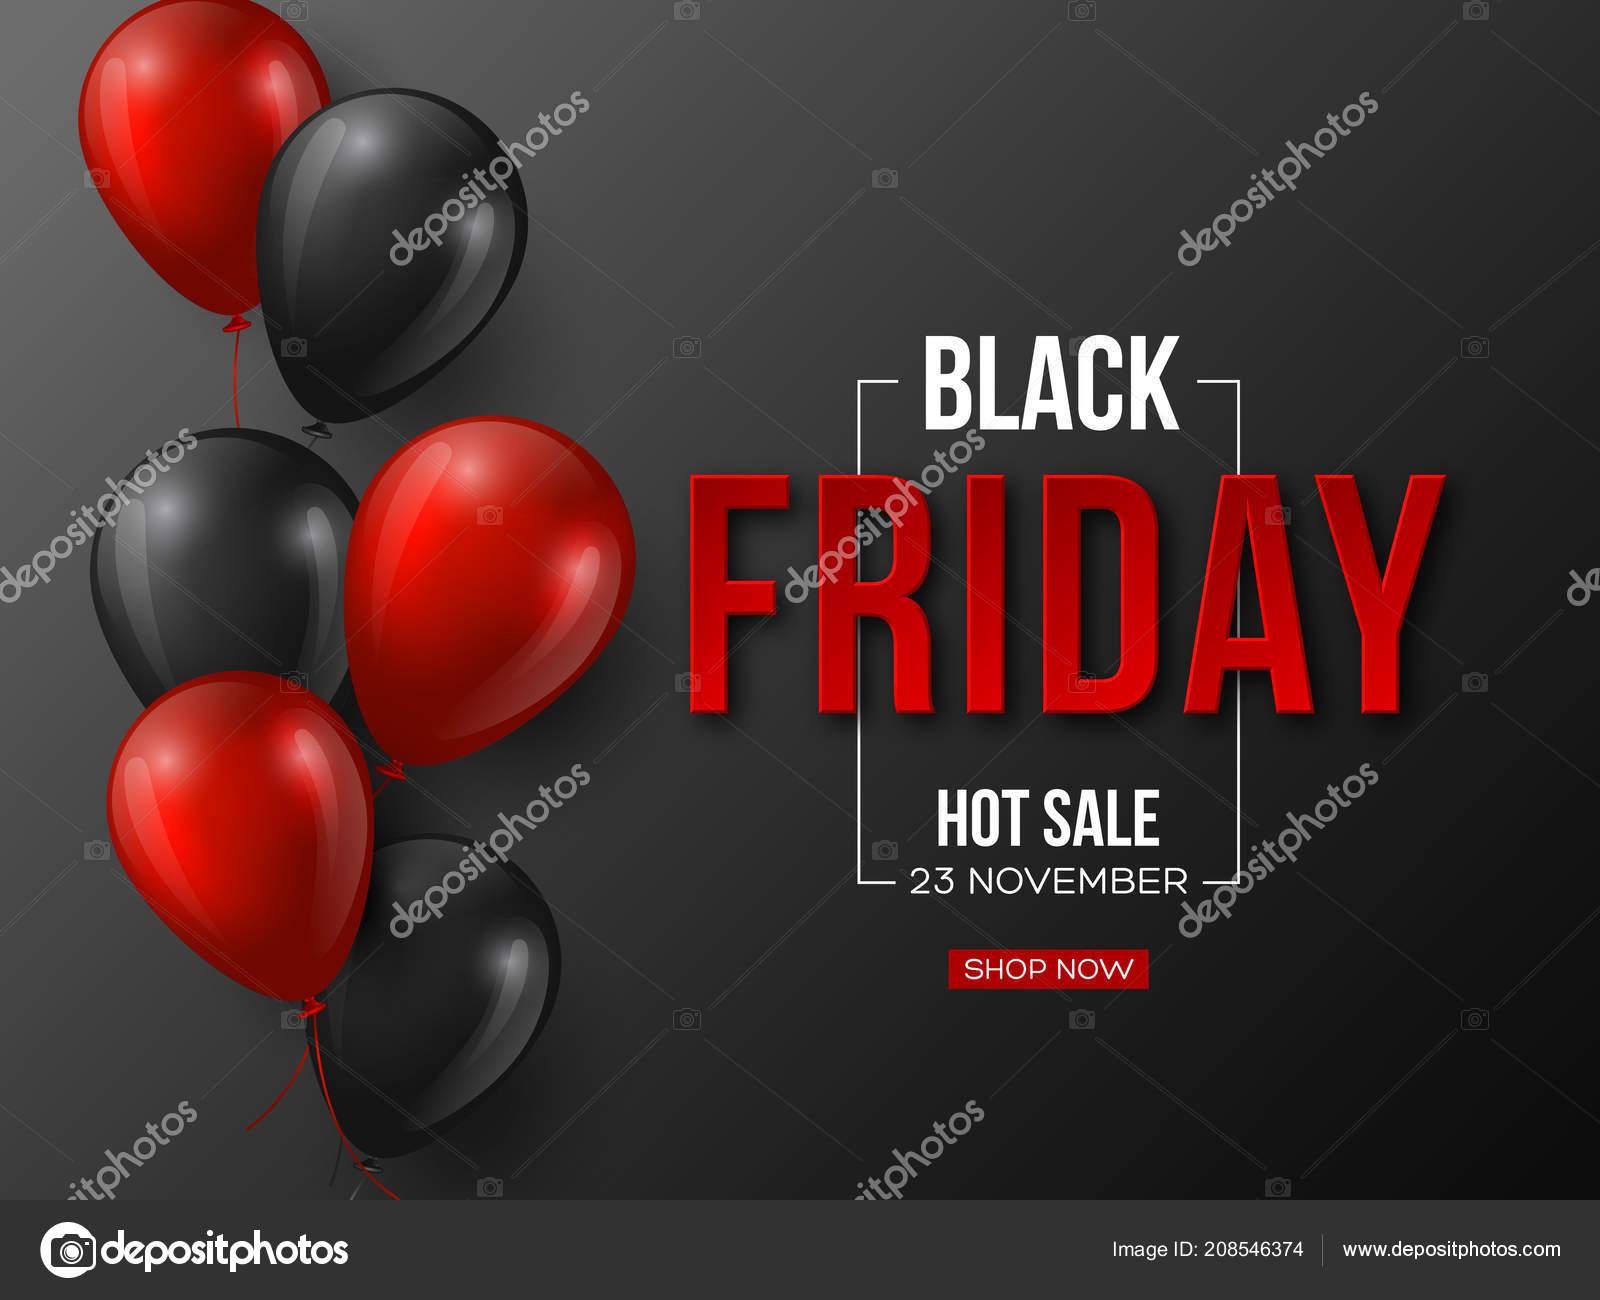 bbf8de433 Preto sexta-feira venda design tipográfico. letras 3D cor vermelha  estilizadas com balões lustrosos